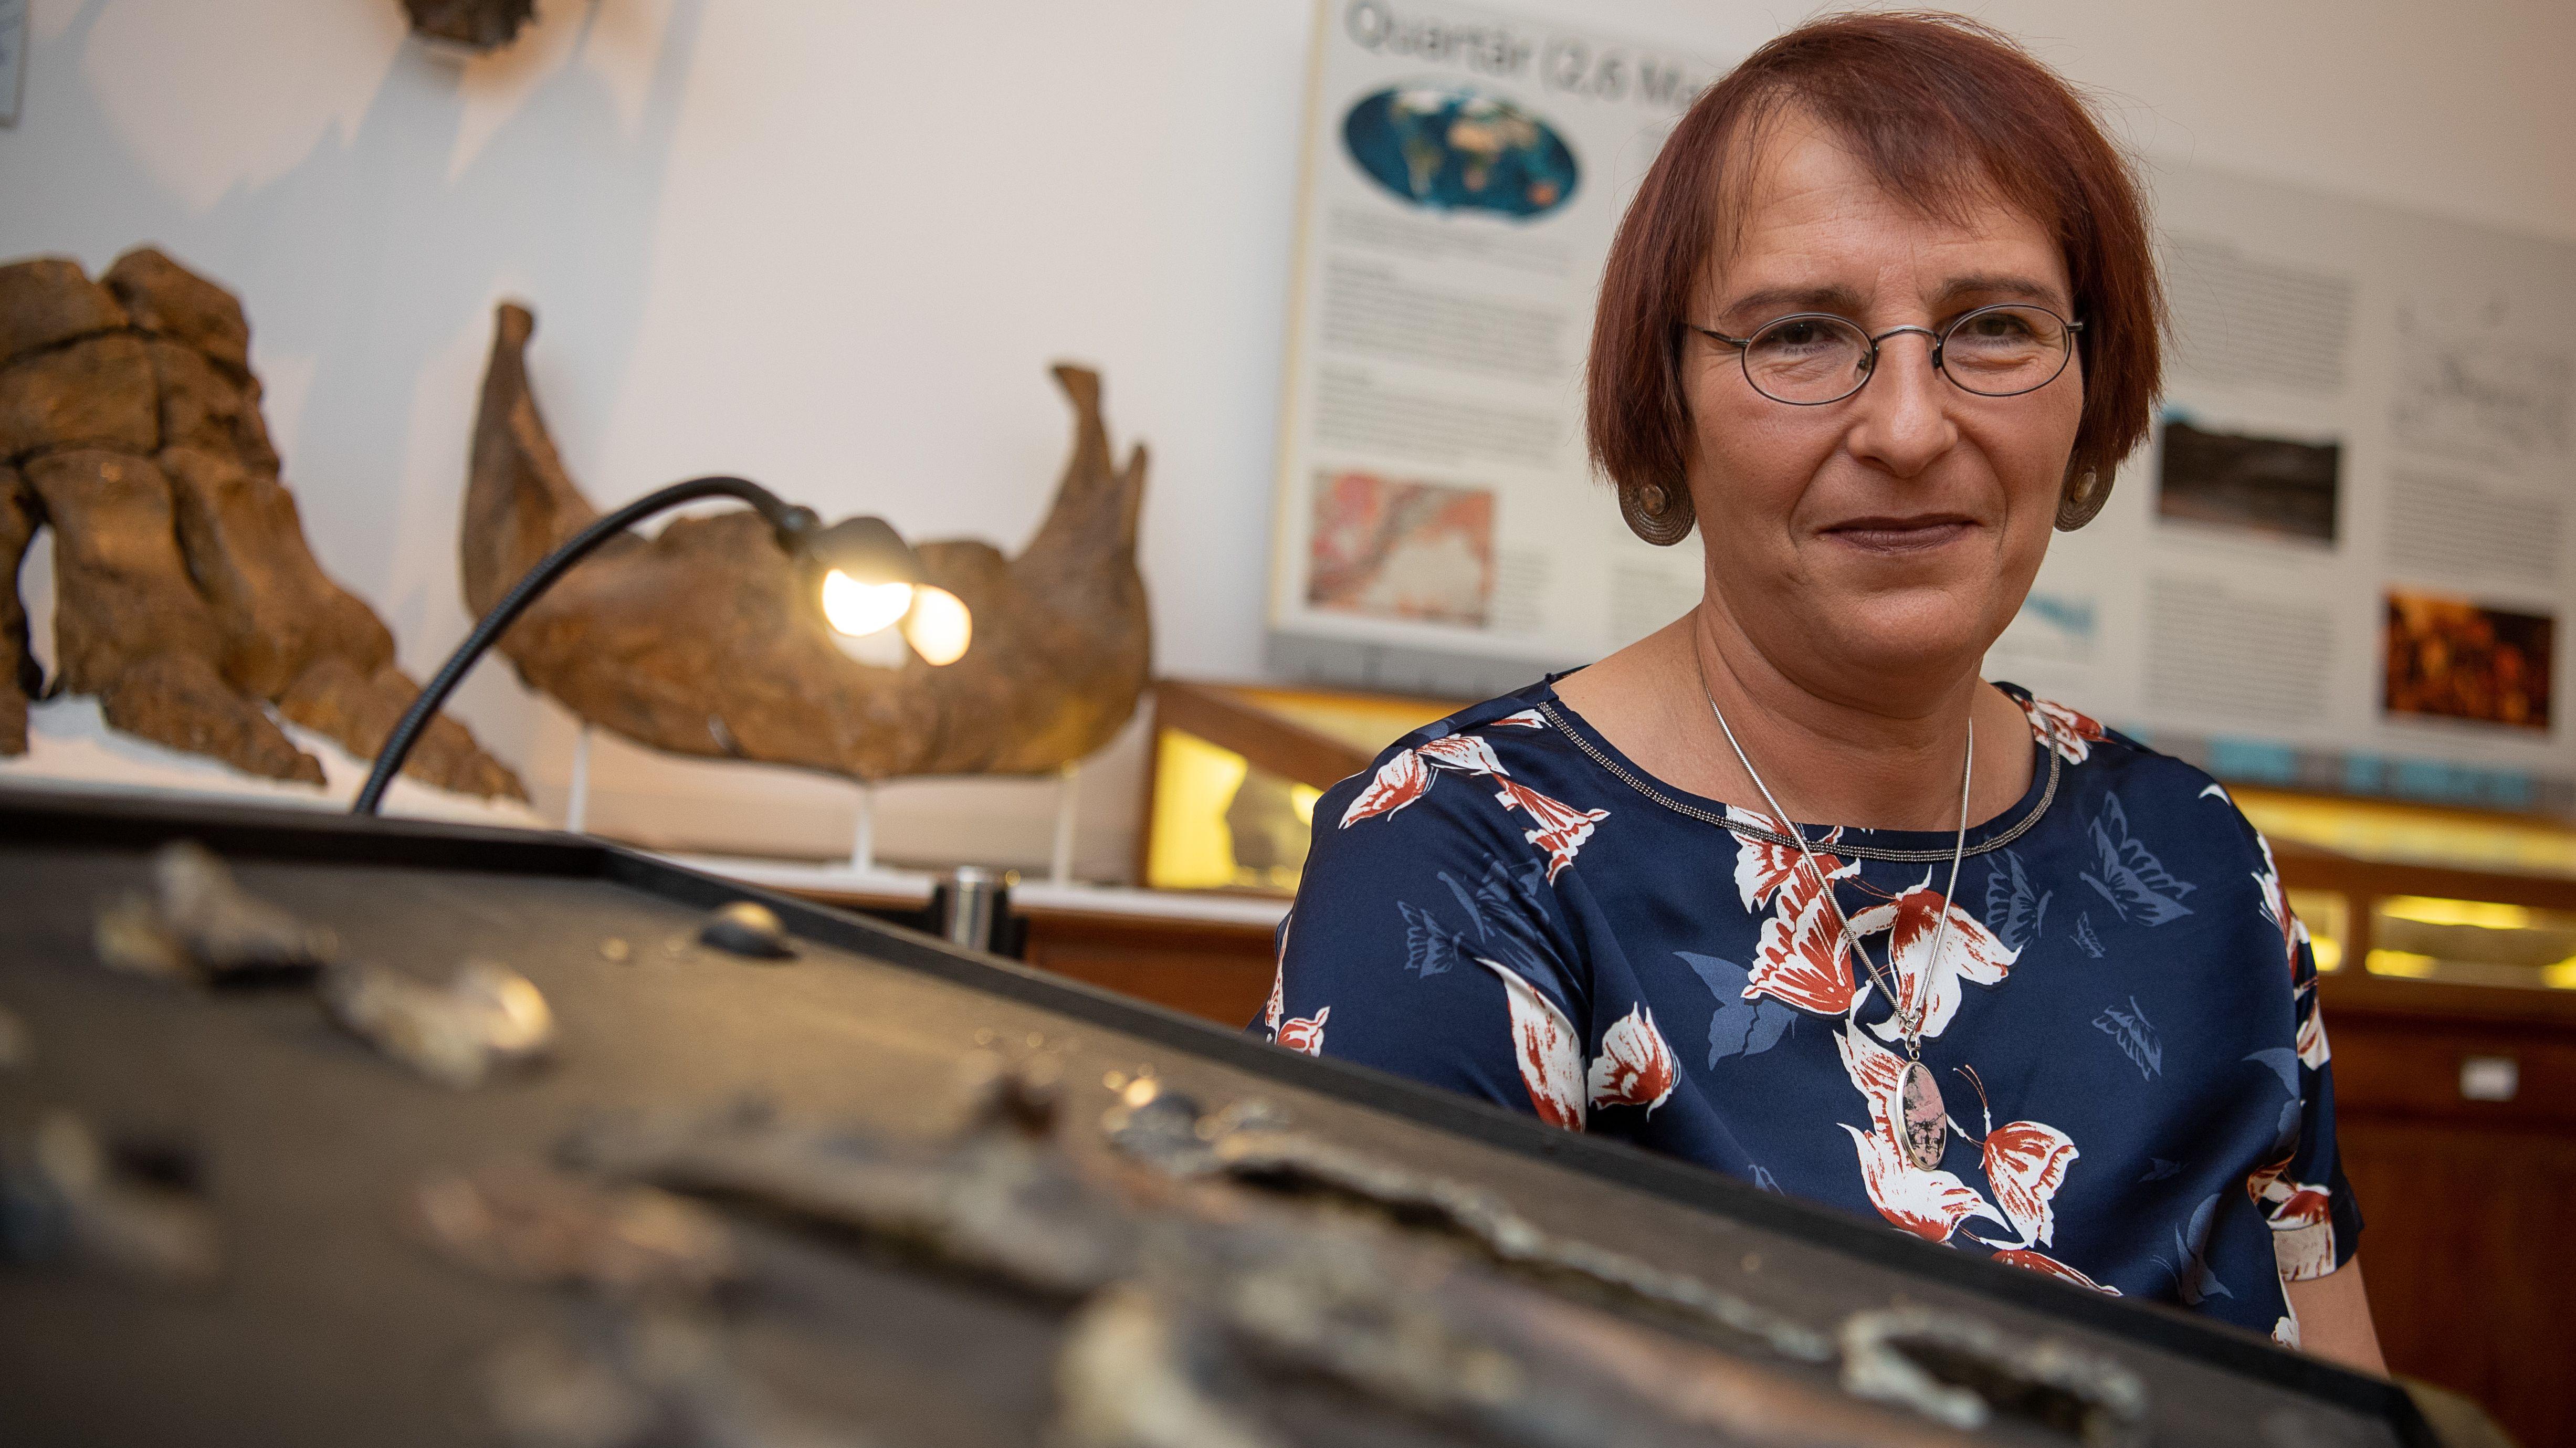 Madeleine Böhme, Paläoanthropologin in Tübingen